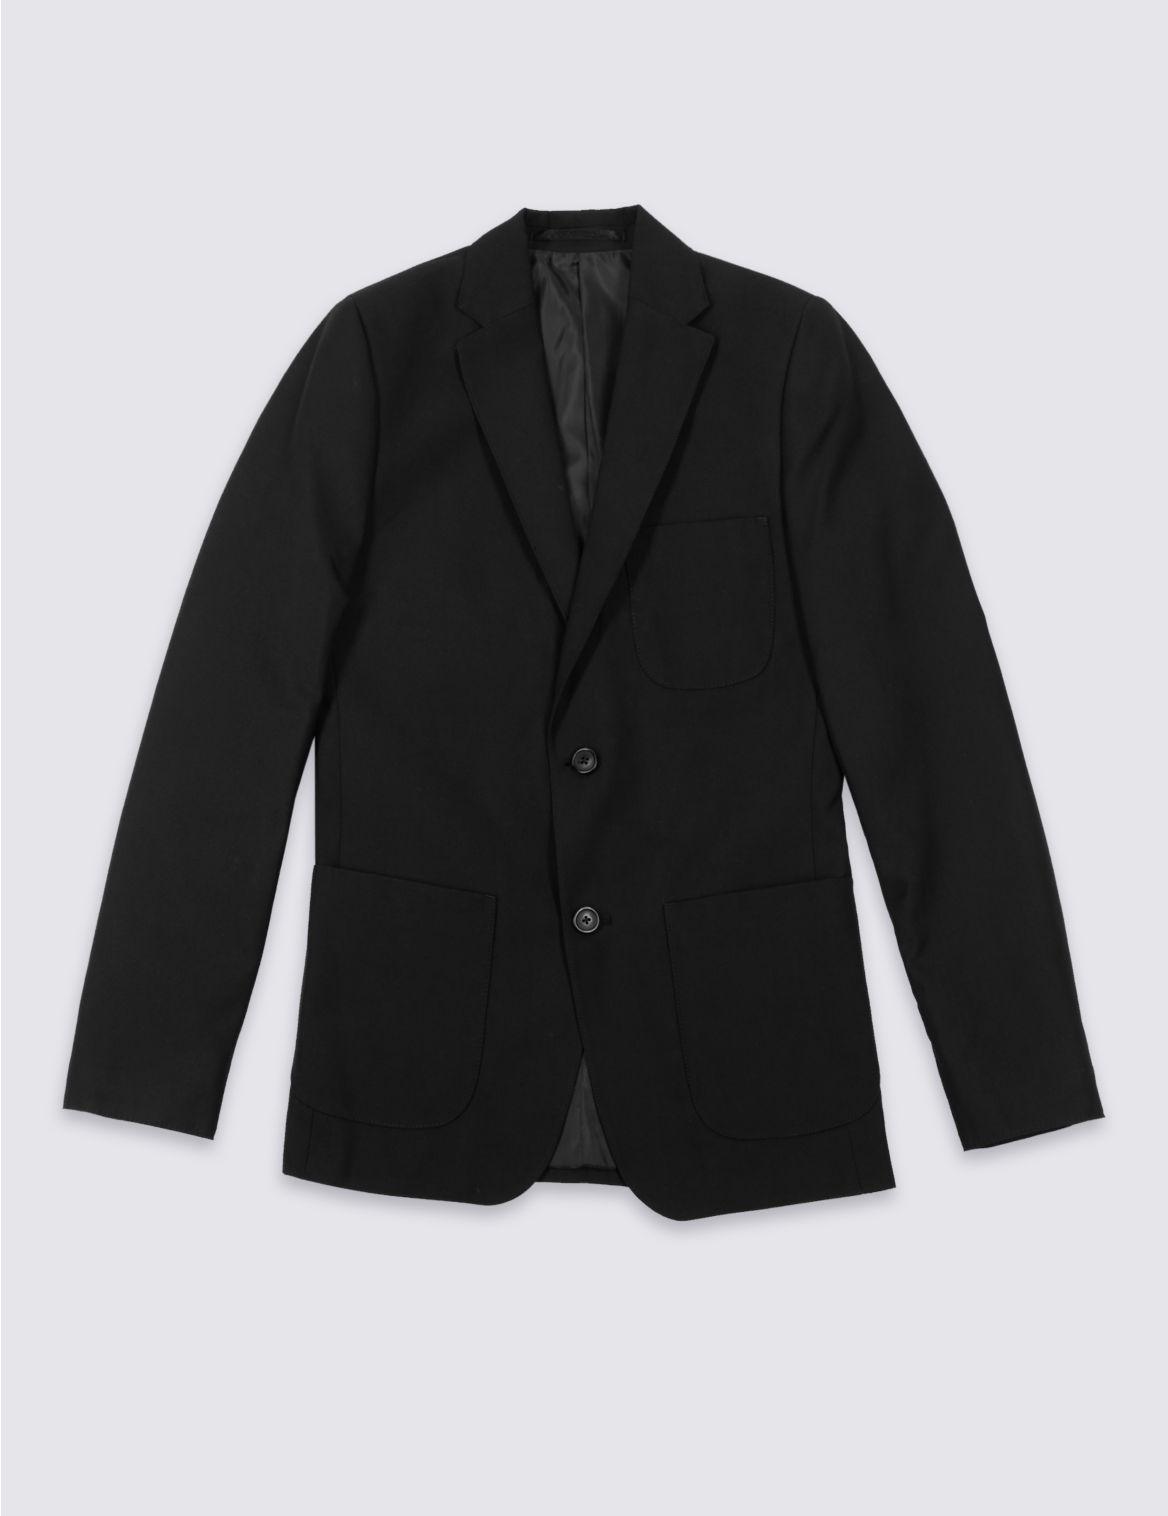 PLUS– Blazer jeune homme. StyleForme du produit:Blazer;Coupe:Plus;Fermeture:Devant boutonn??;Doublure;Longueur des manches:Manches longues